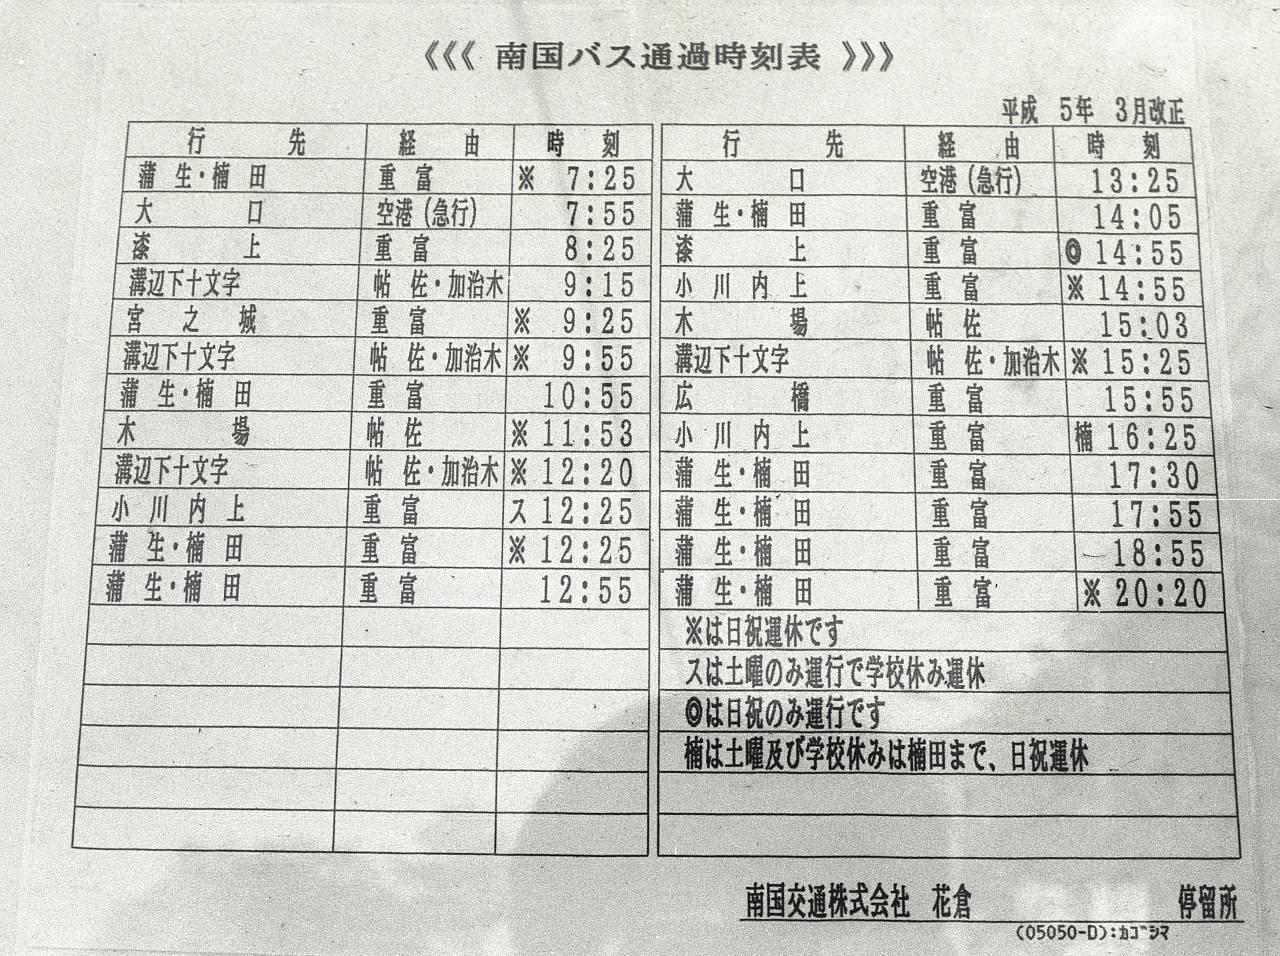 南国 交通 バス 時刻 表 出水市・長島町 バス時刻表 南国交通株式会社